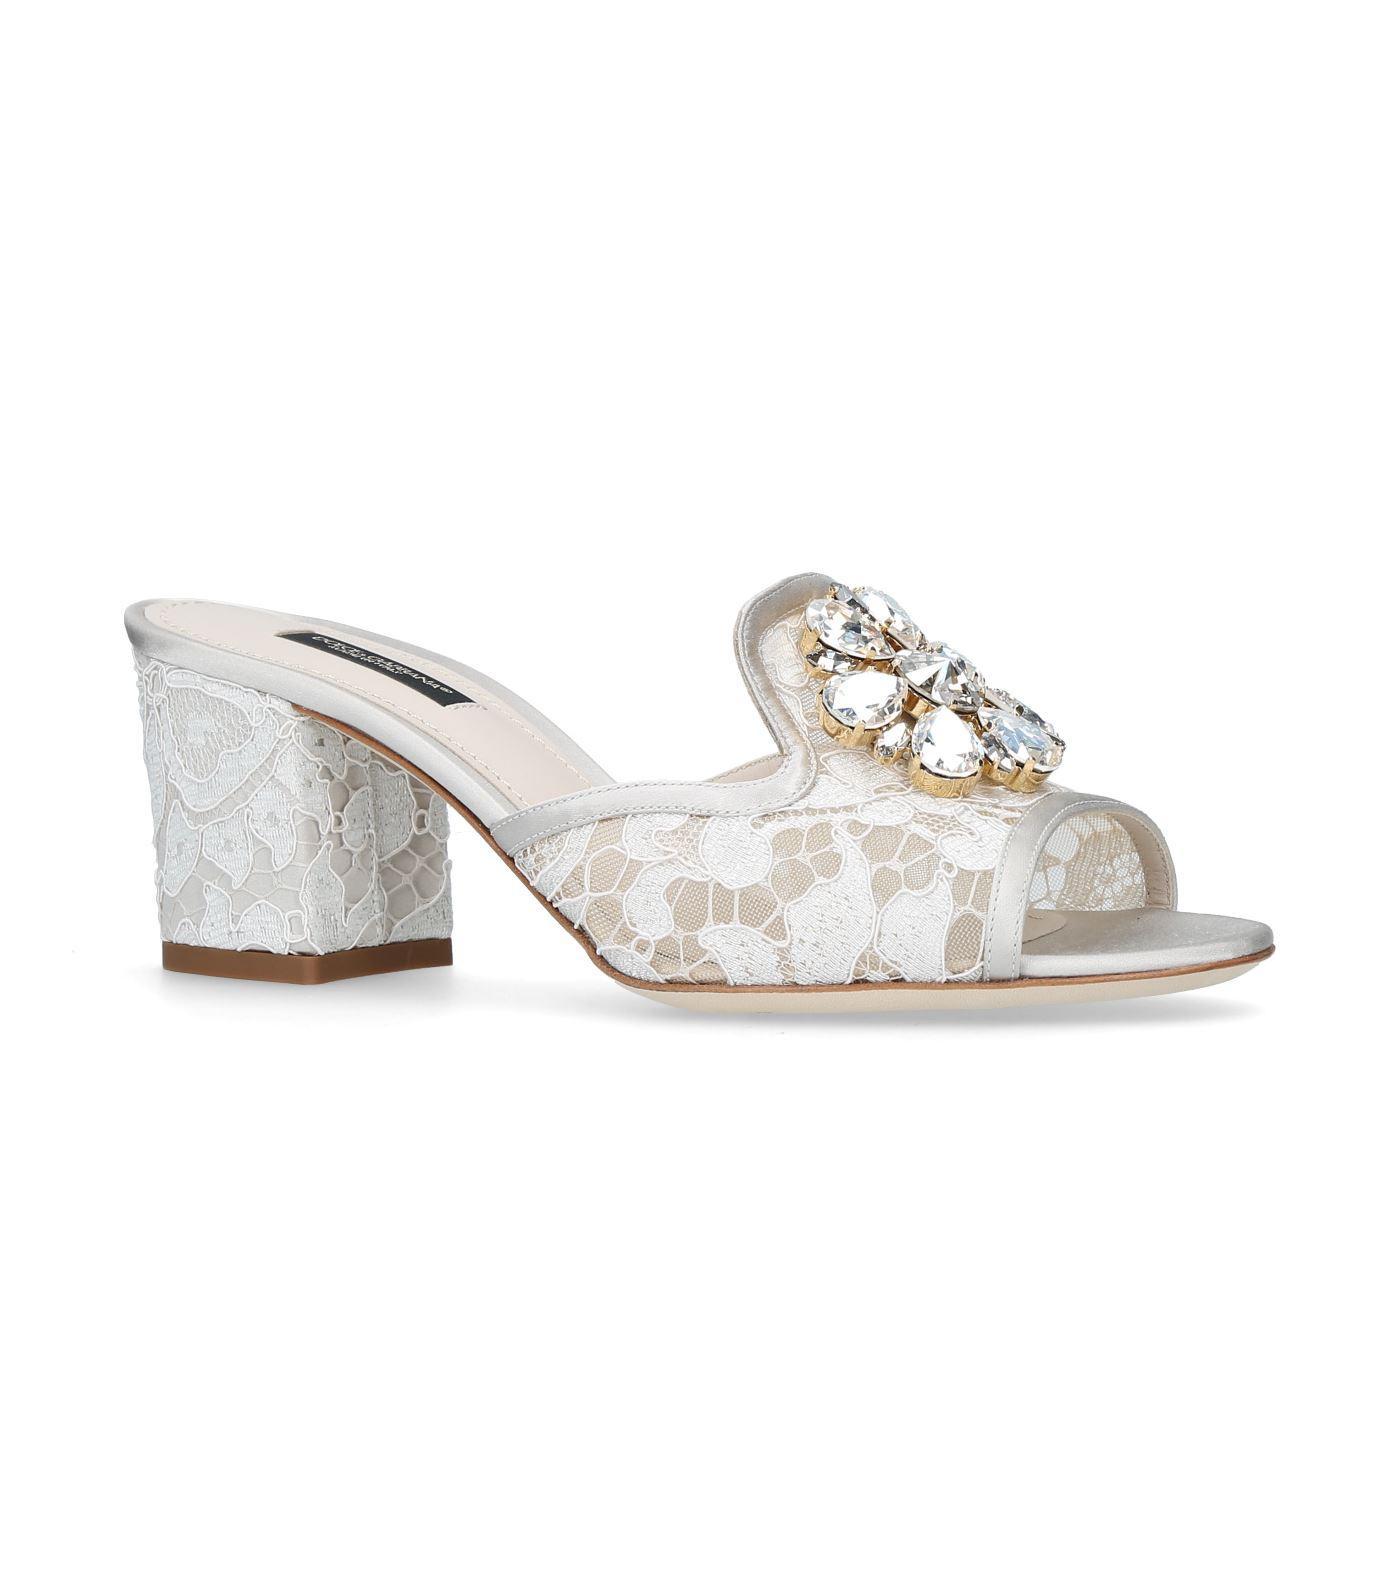 Dolce & Gabbana Bianca Abaya Slides 60 In White